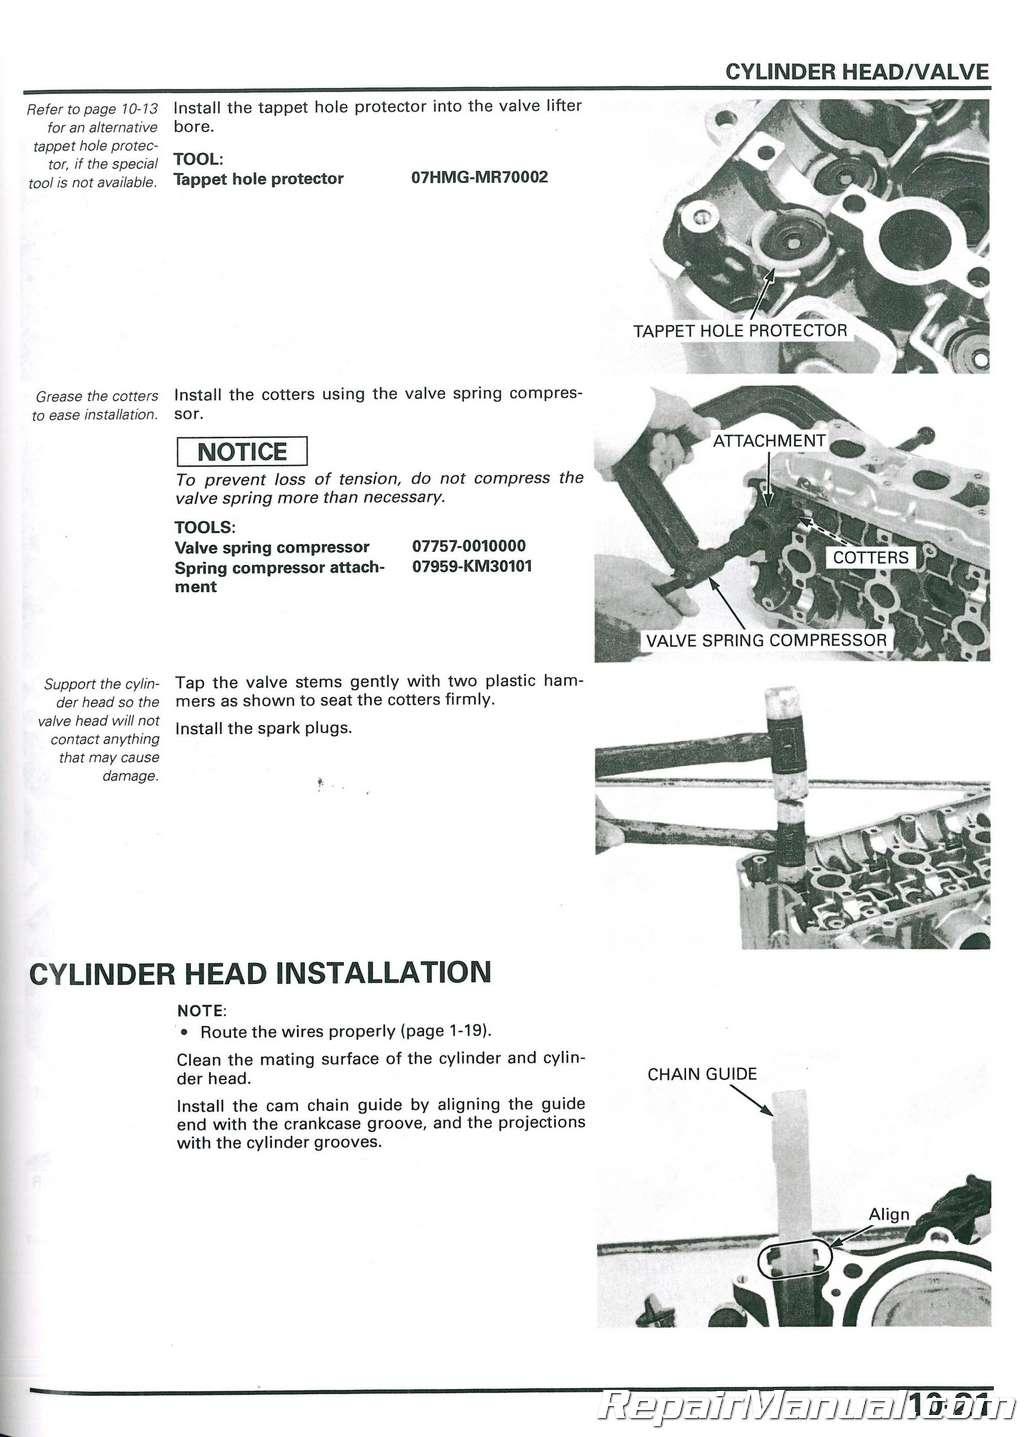 honda 2002 2003 arx 1200n3 t3 service manual rh repairmanual com 2004 honda  aquatrax r-12x owners manual